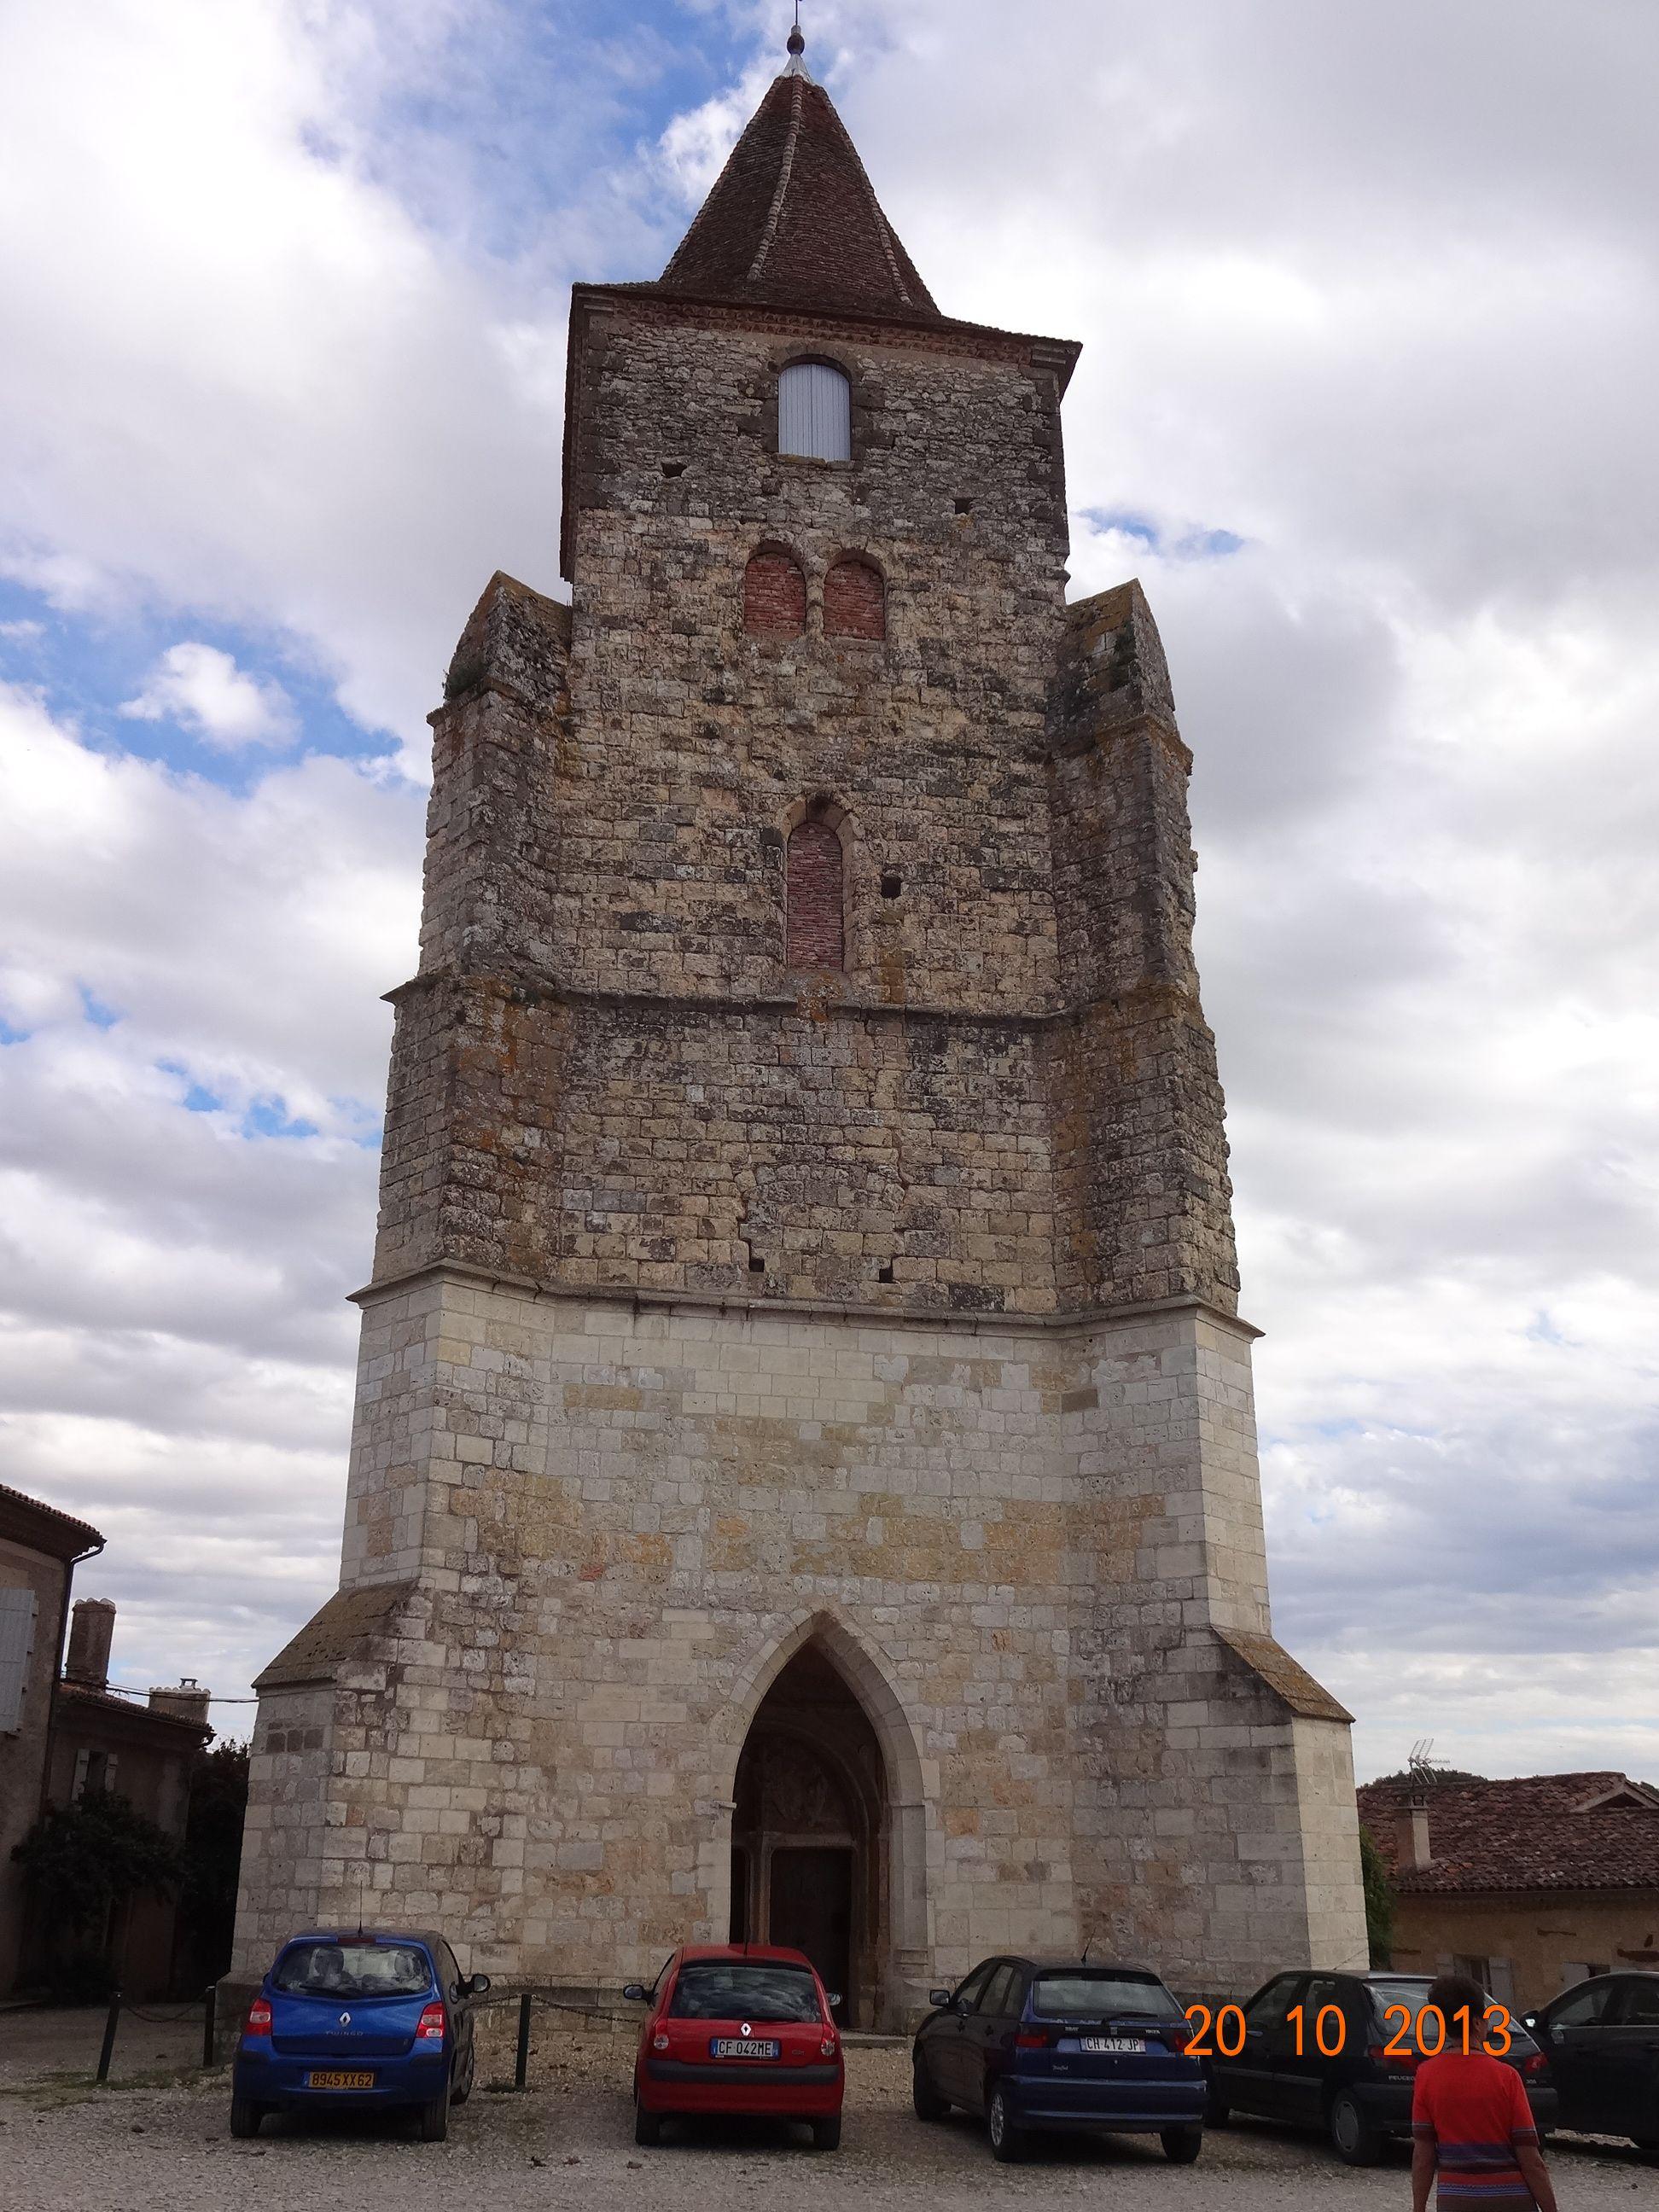 Eglise romane de Lavardens (France) Roman